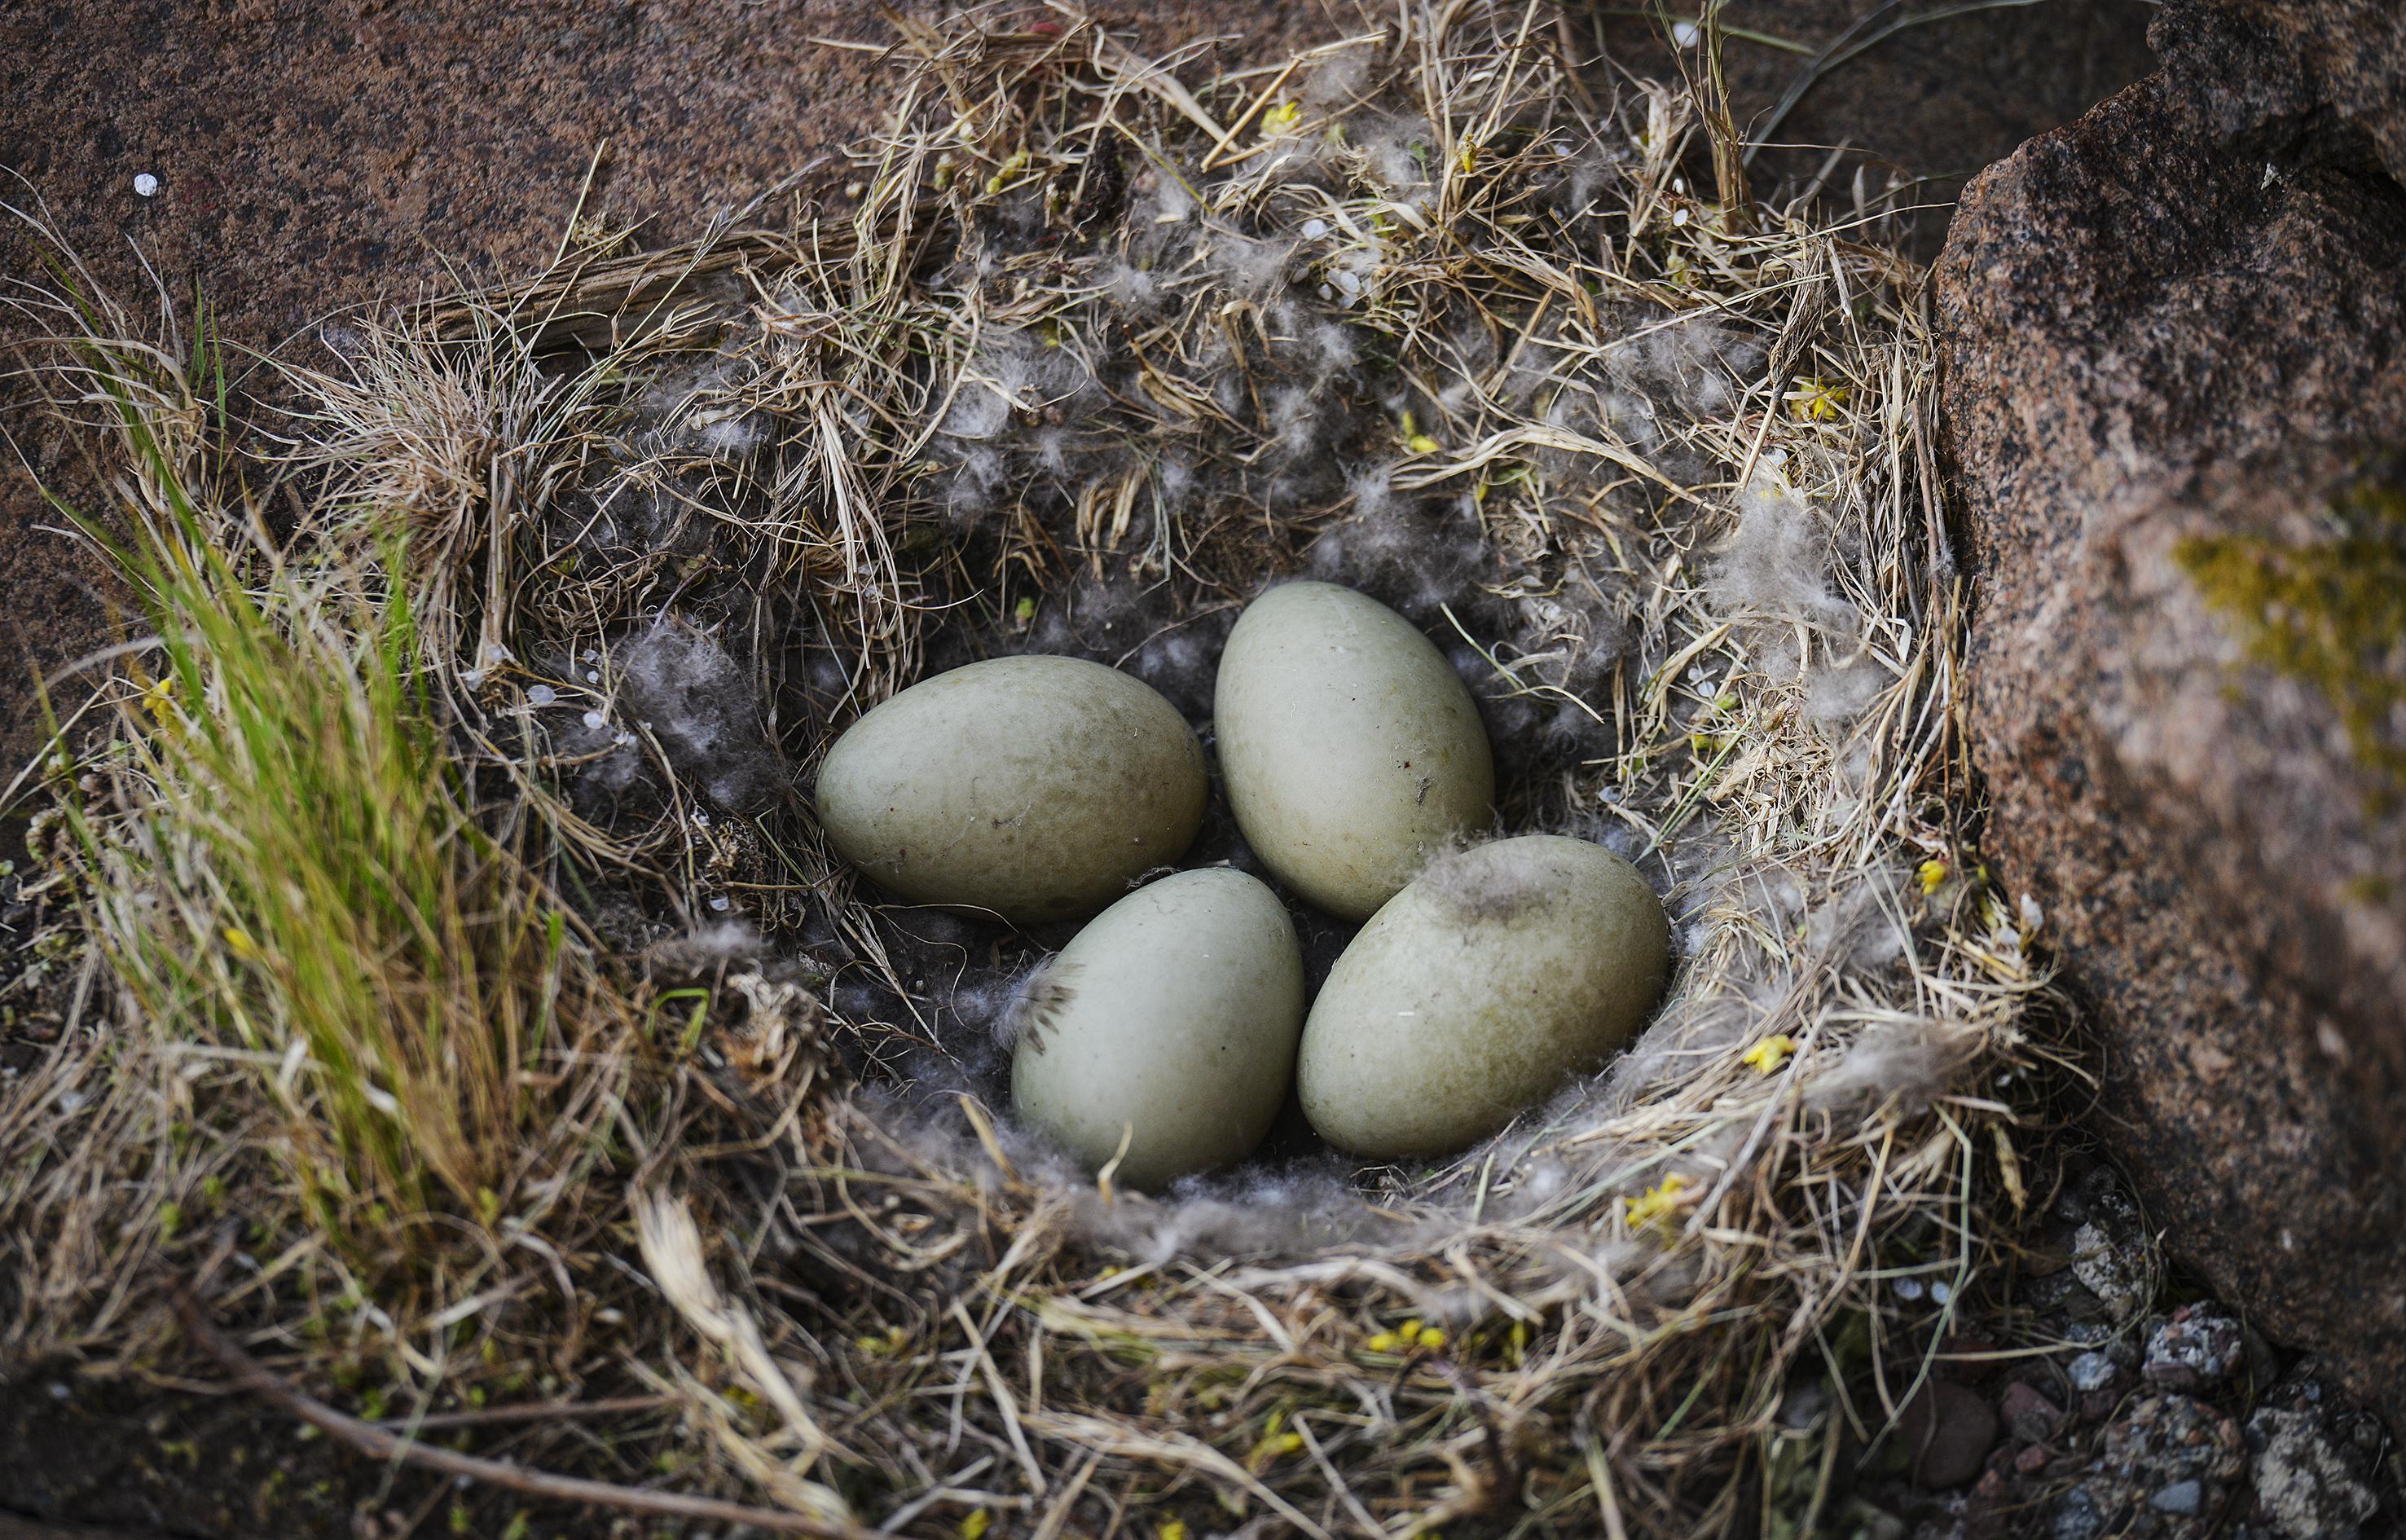 Utan ådtak är ejderns ägg en lättfångad lunch för predatorer.